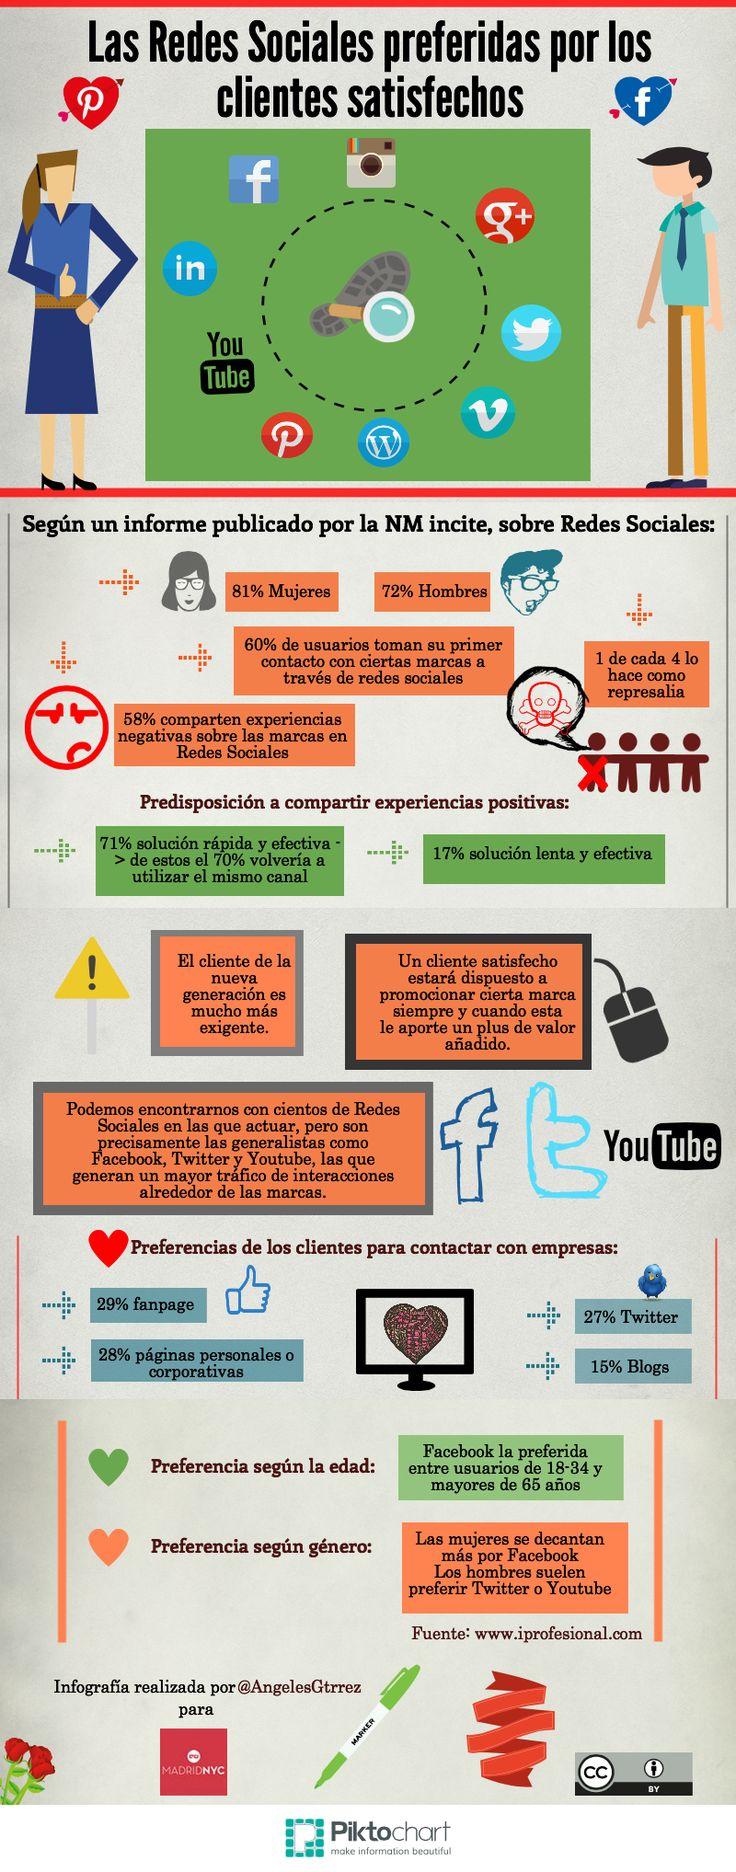 Las Redes Sociales preferidas por los clientes satisfechos #infografia #infographic #RedesSociales